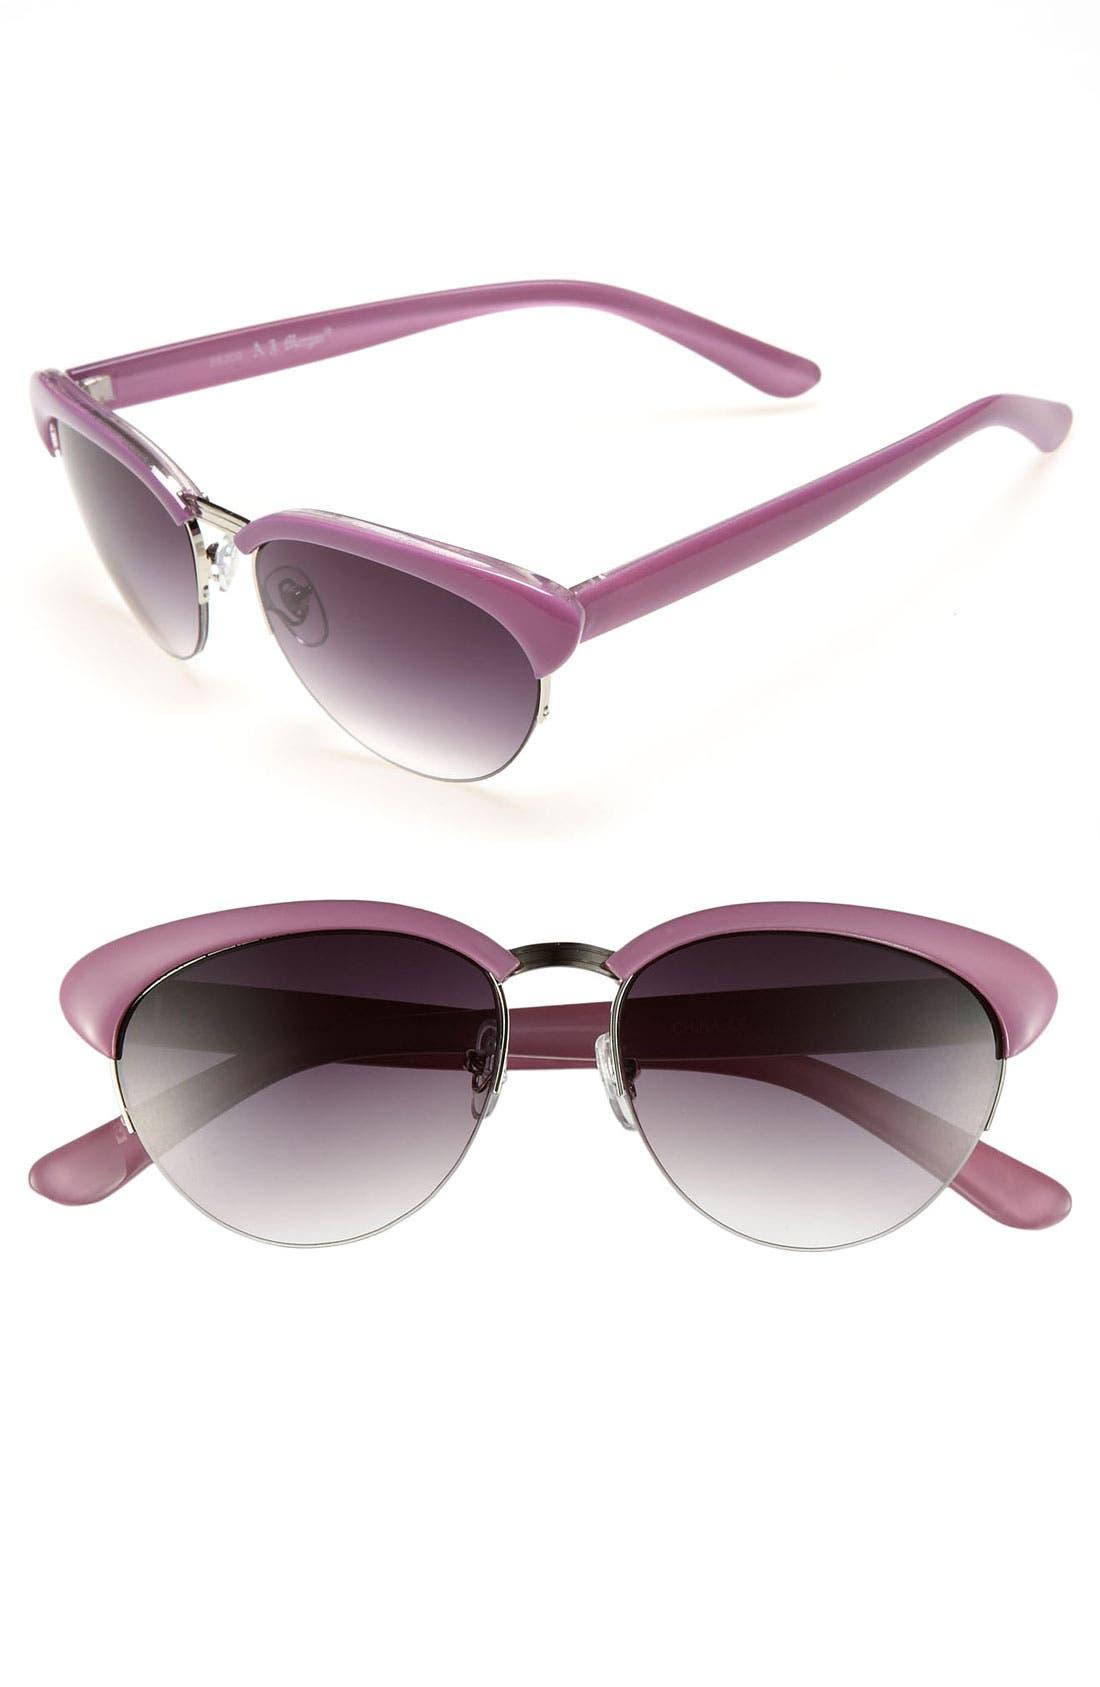 Alternate Image 1 Selected - A.J. Morgan 'Cupcake' Sunglasses